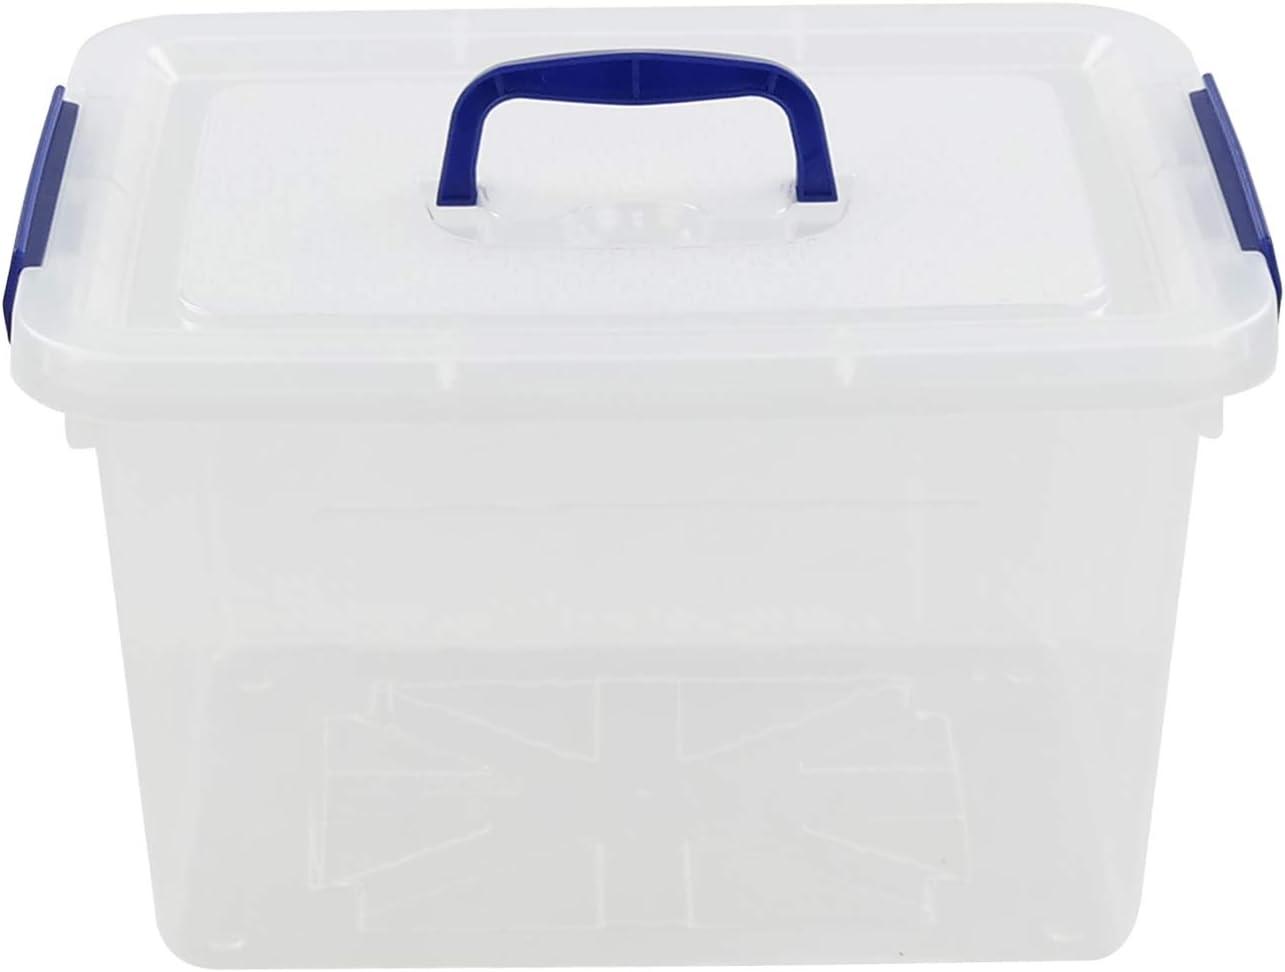 Wekiog Versatile Cheap SALE Start Storage Organizer Plastic 12 Bins Lid Max 80% OFF Qua with